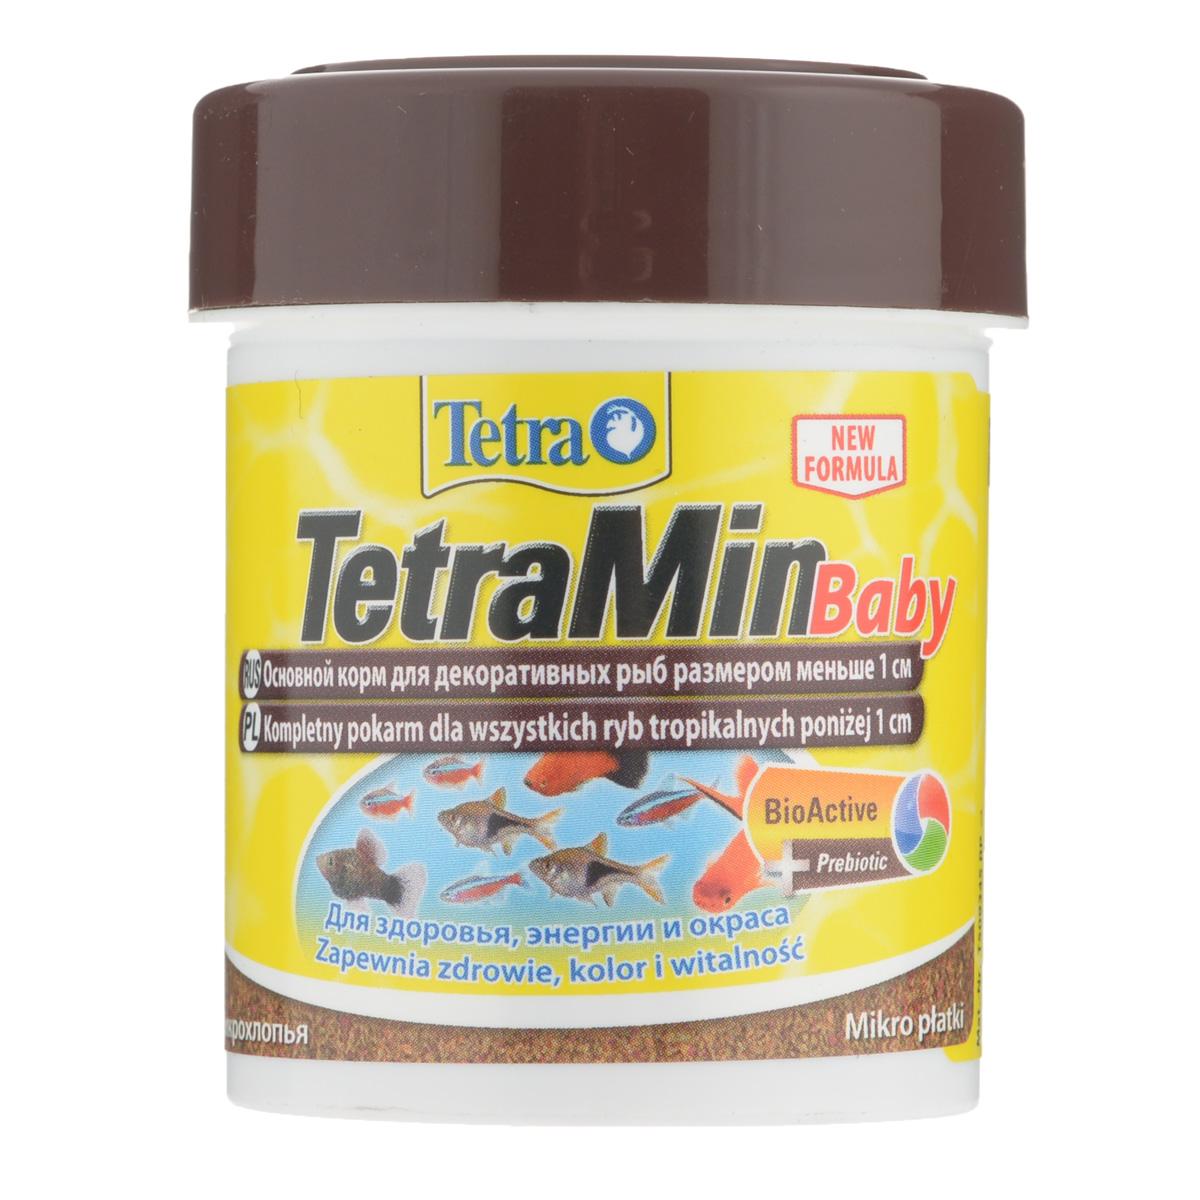 Корм Tetra Min Baby для декоративных рыб меньше 1 см, в виде микрохлопьев, 66 мл199156Корм Tetra Min Baby - это биологически сбалансированный корм в виде микрохлопьев. Очень качественное просеянная смесь высокопитательных и функциональных ингредиентов для поддержания здорового роста на ранних стадий жизни рыб. Рекомендации по кормлению: кормить несколько раз в день маленькими порциями. Характеристики: Состав: рыба и побочные рыбные продукты, зерновые культуры, дрожжи, экстракты растительного белка, моллюски и раки, масла и жиры, сахар (Олигофруктоза 1%), минеральные вещества, водоросли. Пищевая ценность: сырой белок - 46%, сырые масла и жиры - 11%, сырая клетчатка - 2,0%, влага - 6%. Добавки: витамины, провитамины и химические вещества с аналогичным воздействием: витамин А 17310 МЕ/кг, витамин Д3 1080 МЕ/кг. Комбинации элементов: Е5 Марганец 96 мг/кг, Е6 Цинк 57 мг/кг, Е1 Железо 37 мг/кг. Красители, антиоксиданты. Вес: 66 мл (30 г). Товар сертифицирован.